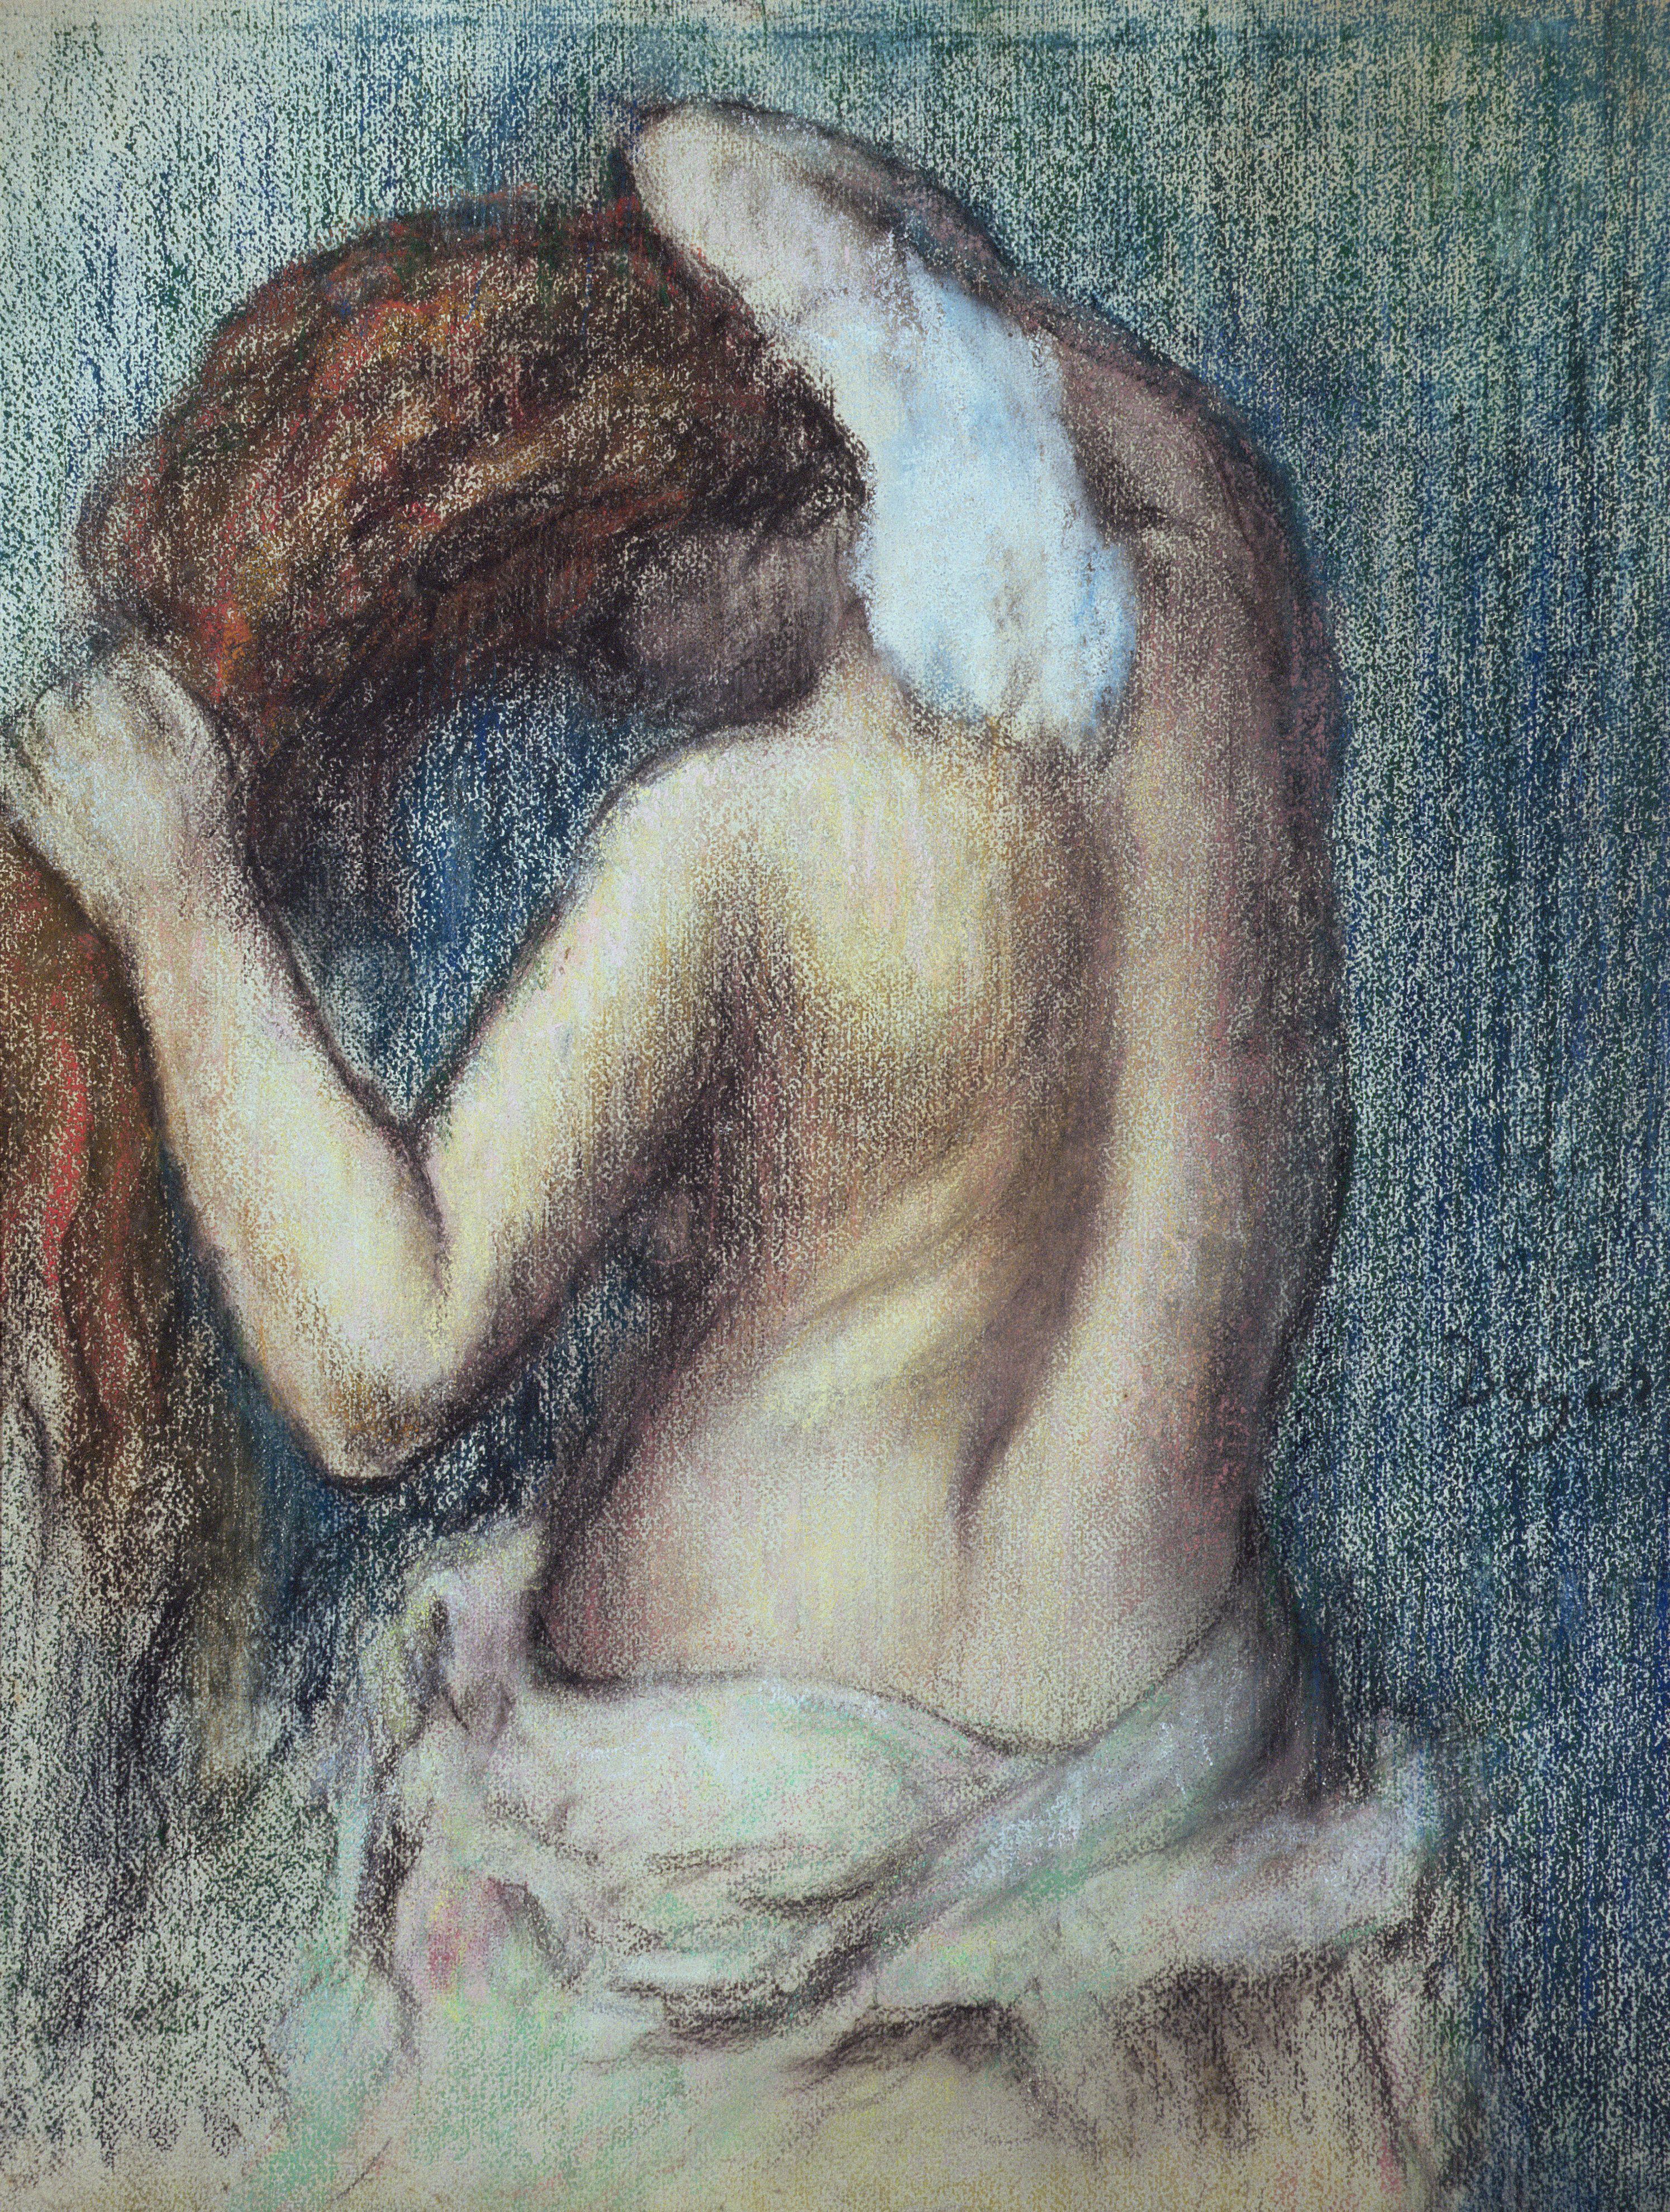 Edgar Degas, 1834-1917. Женщина за туалетом. ок.1895. пастель. Частная коллекция